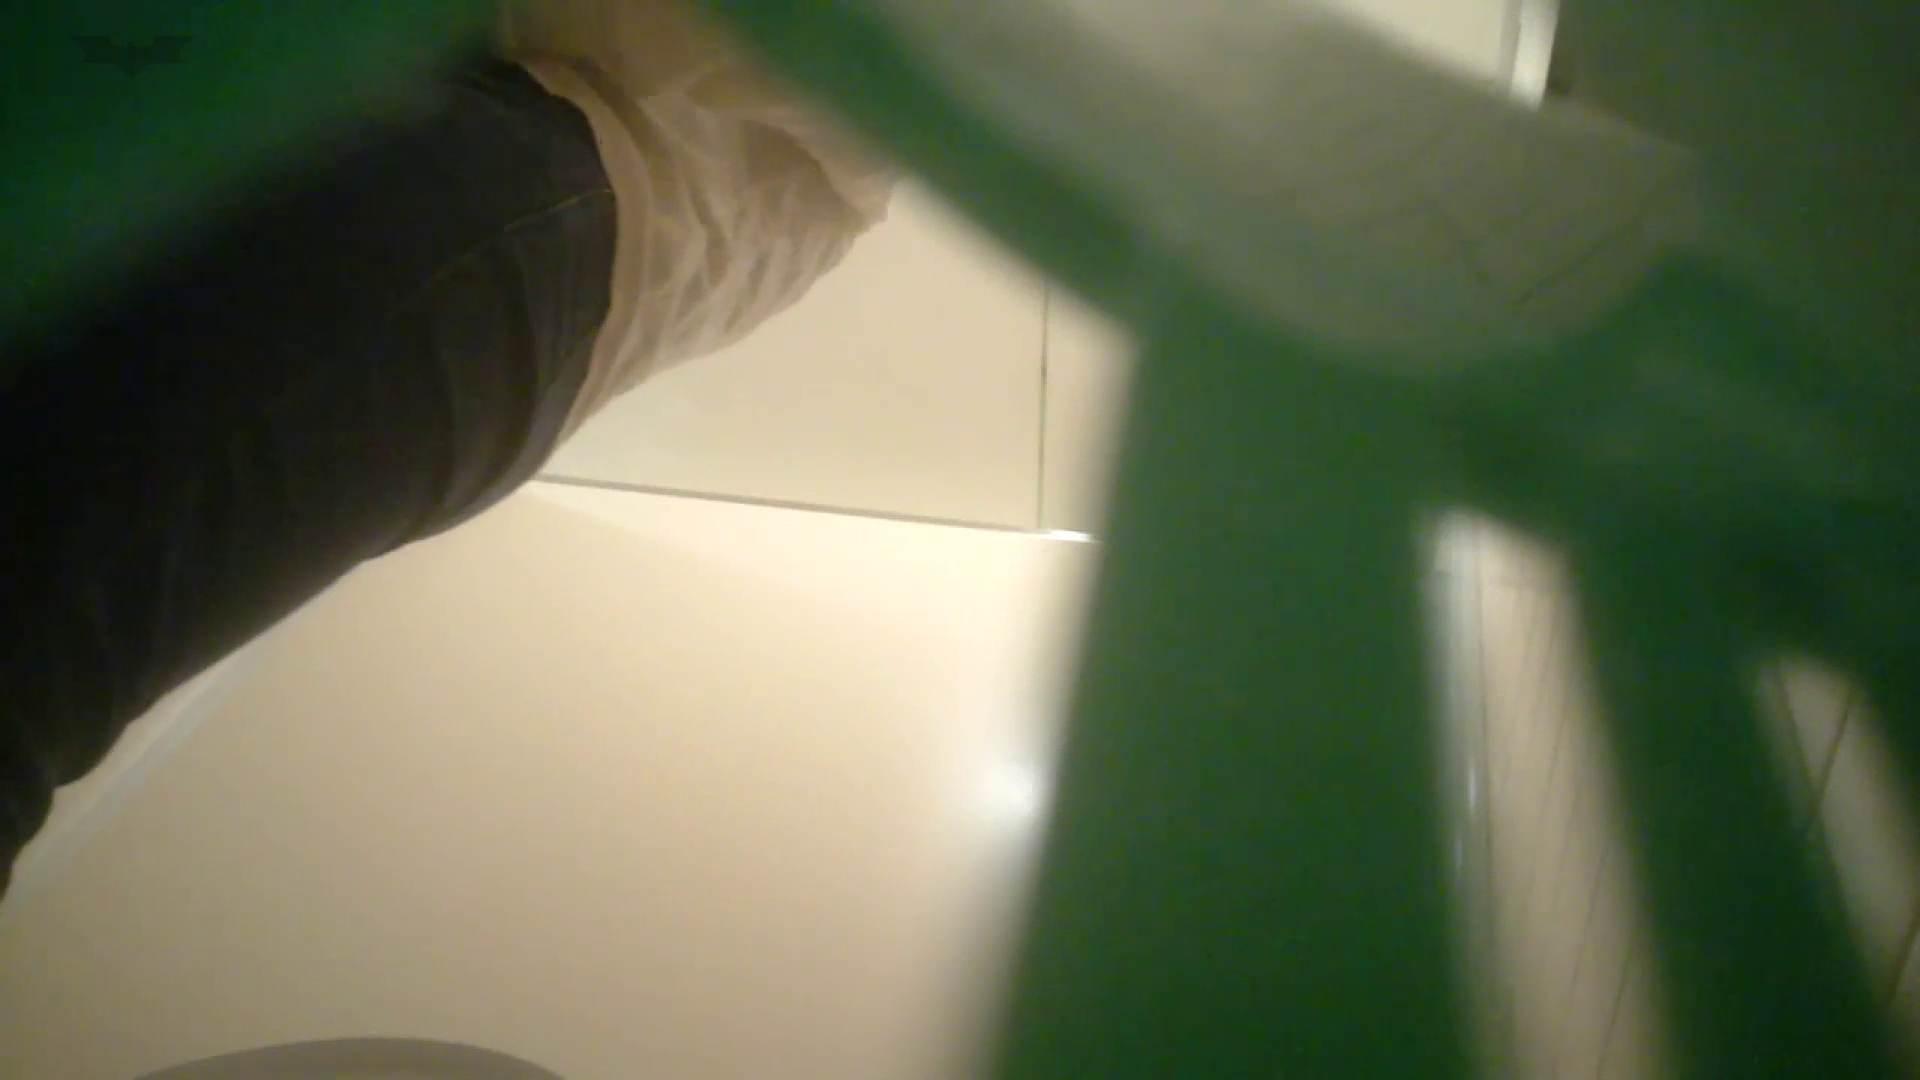 おまんこ:有名大学女性洗面所 Vol.52 ストッキングの最後の「くいっ!」がたまりません:怪盗ジョーカー